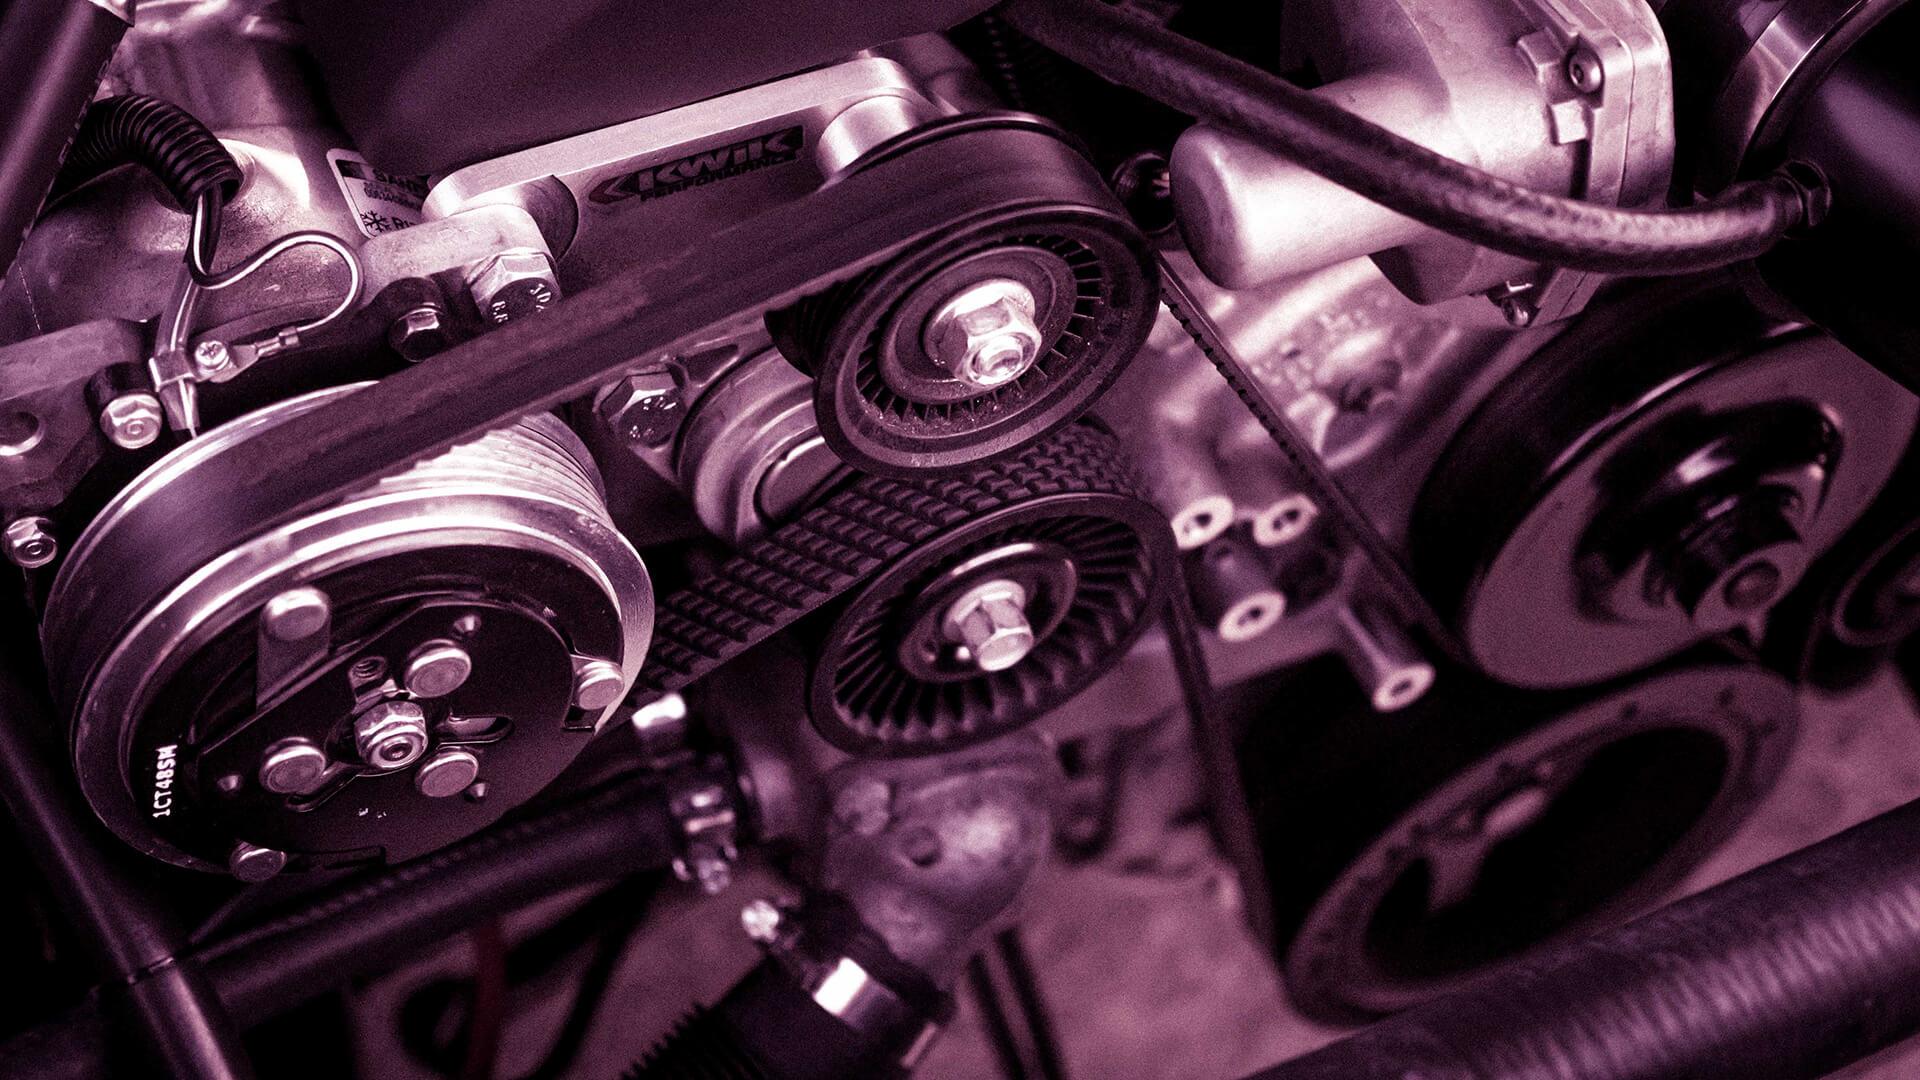 Engine showing belts.